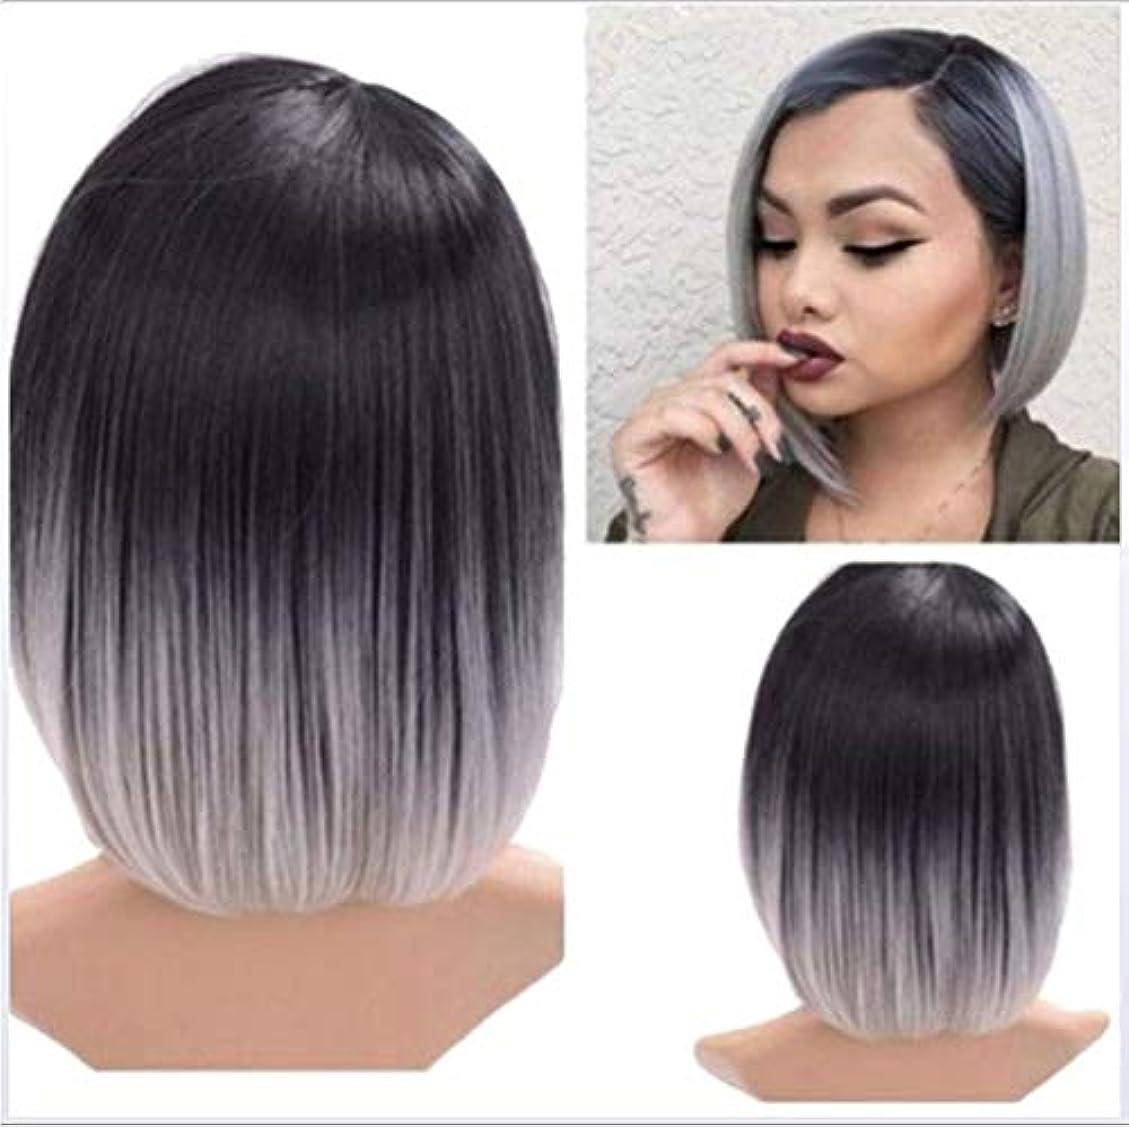 征服者排気目的女性かつらストレートブラジル髪ショートボブかつら事前摘み取ら品質のかつら黒のグラデーショングレー36 cm